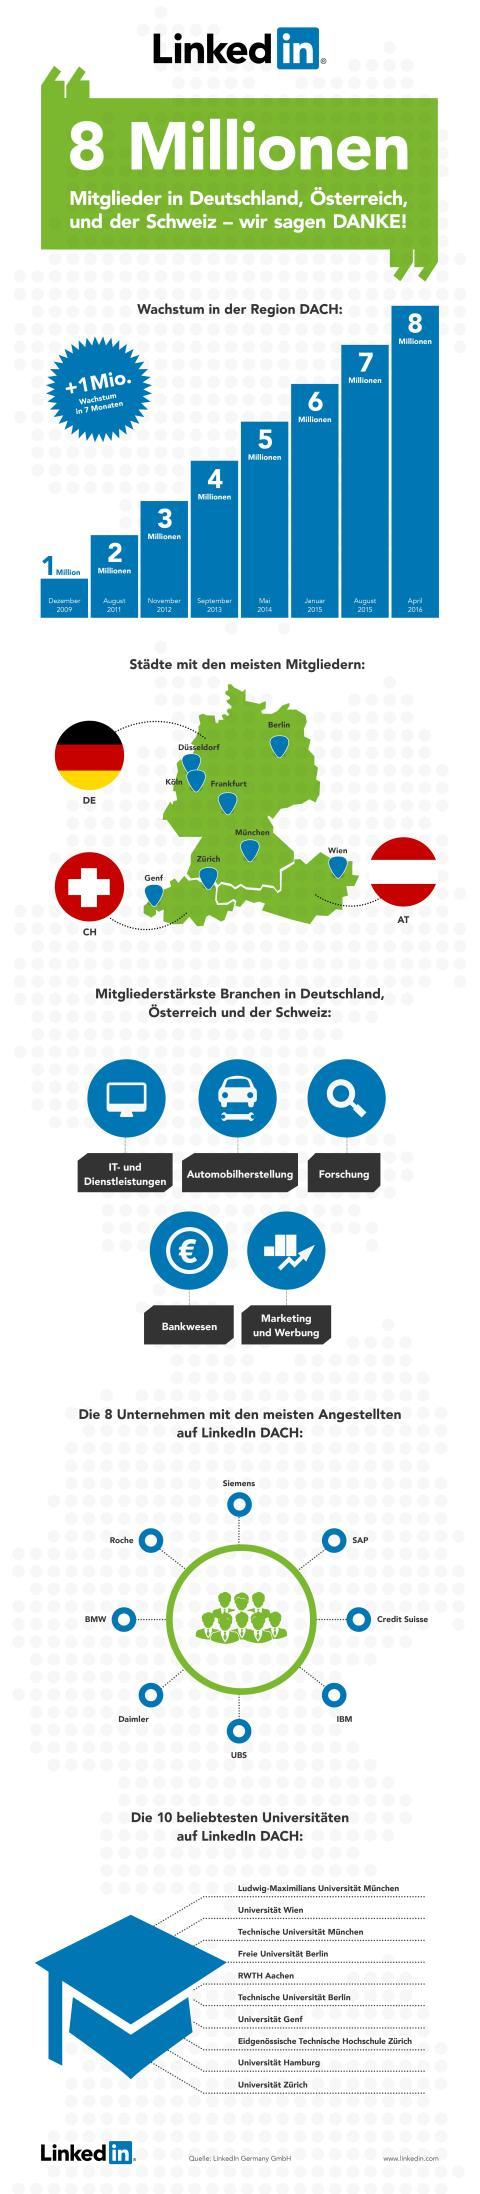 LinkedIn feiert acht Millionen Mitglieder in Deutschland,  Österreich und der Schweiz